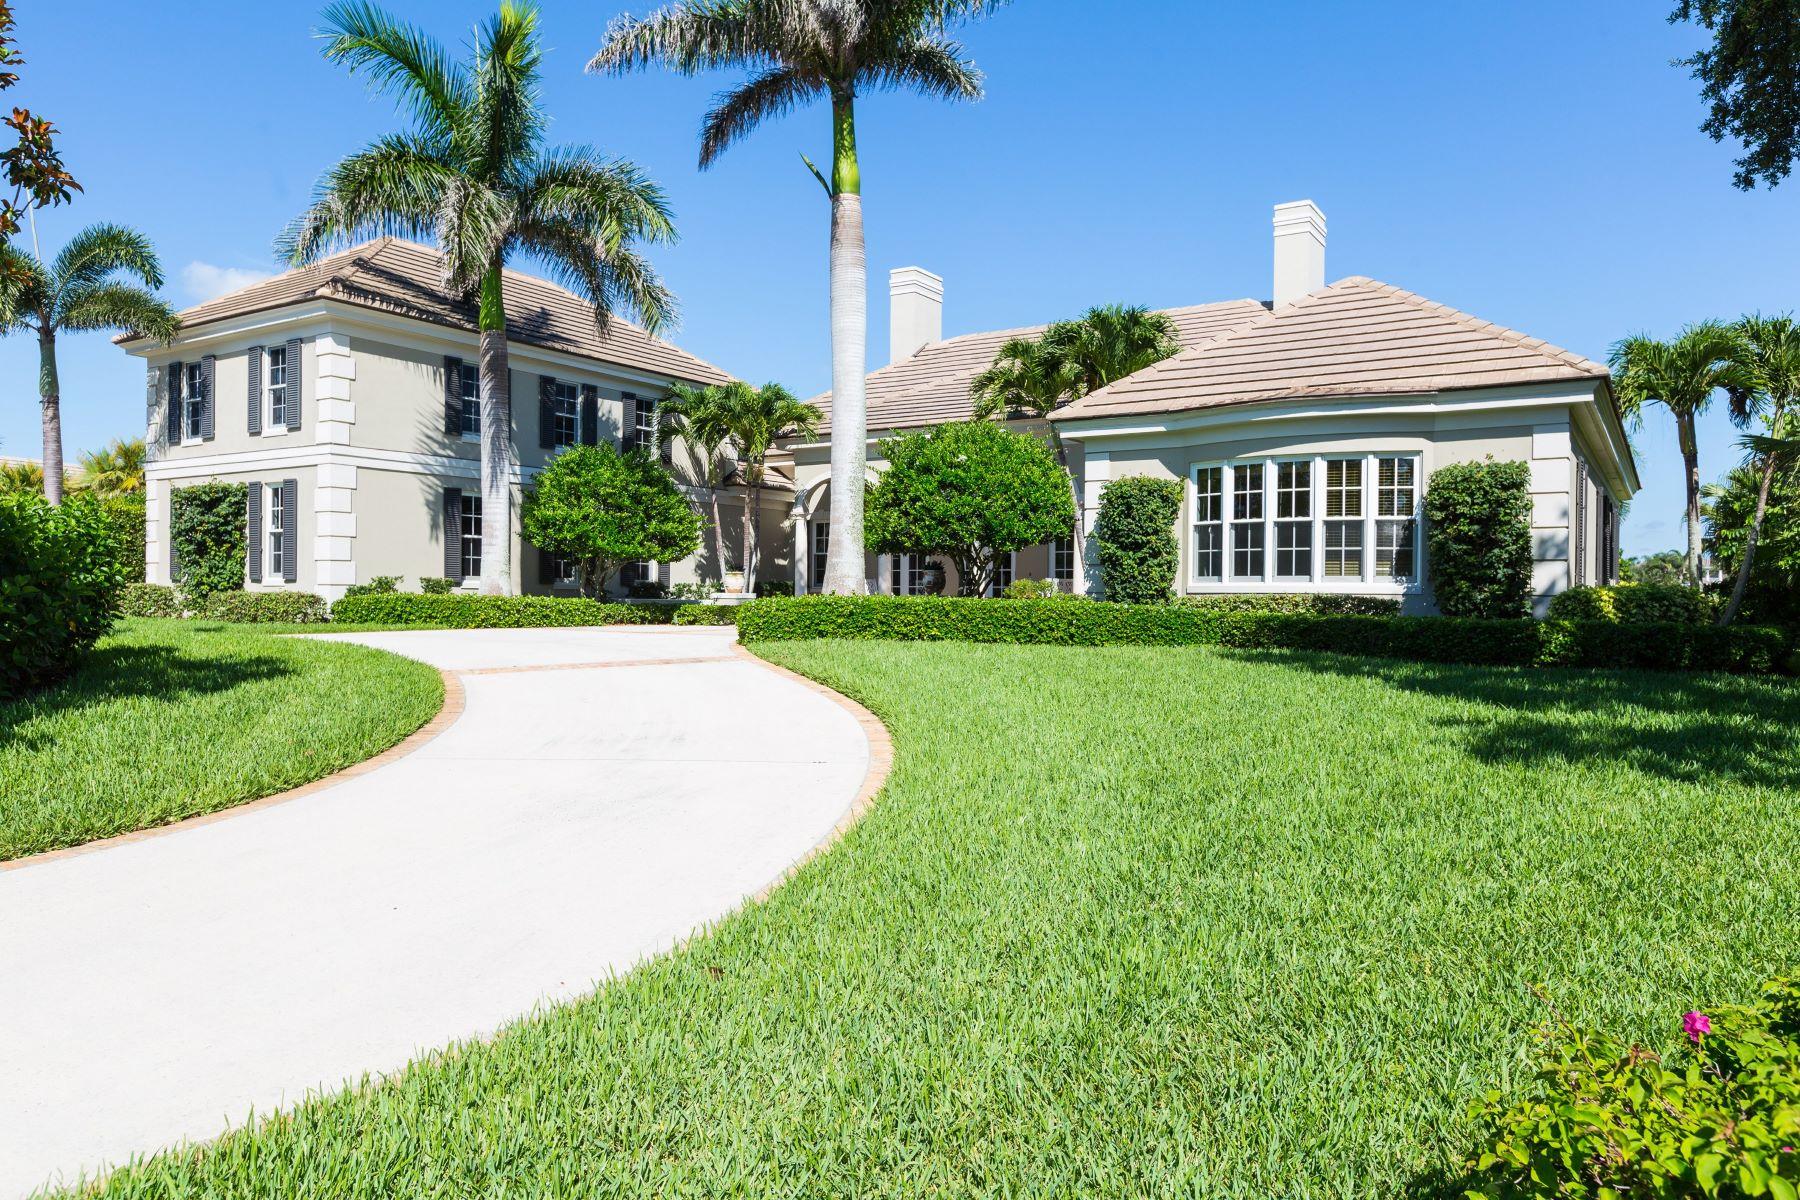 Property 为 销售 在 350 Westwind Court 维罗海滩, 佛罗里达州 32963 美国